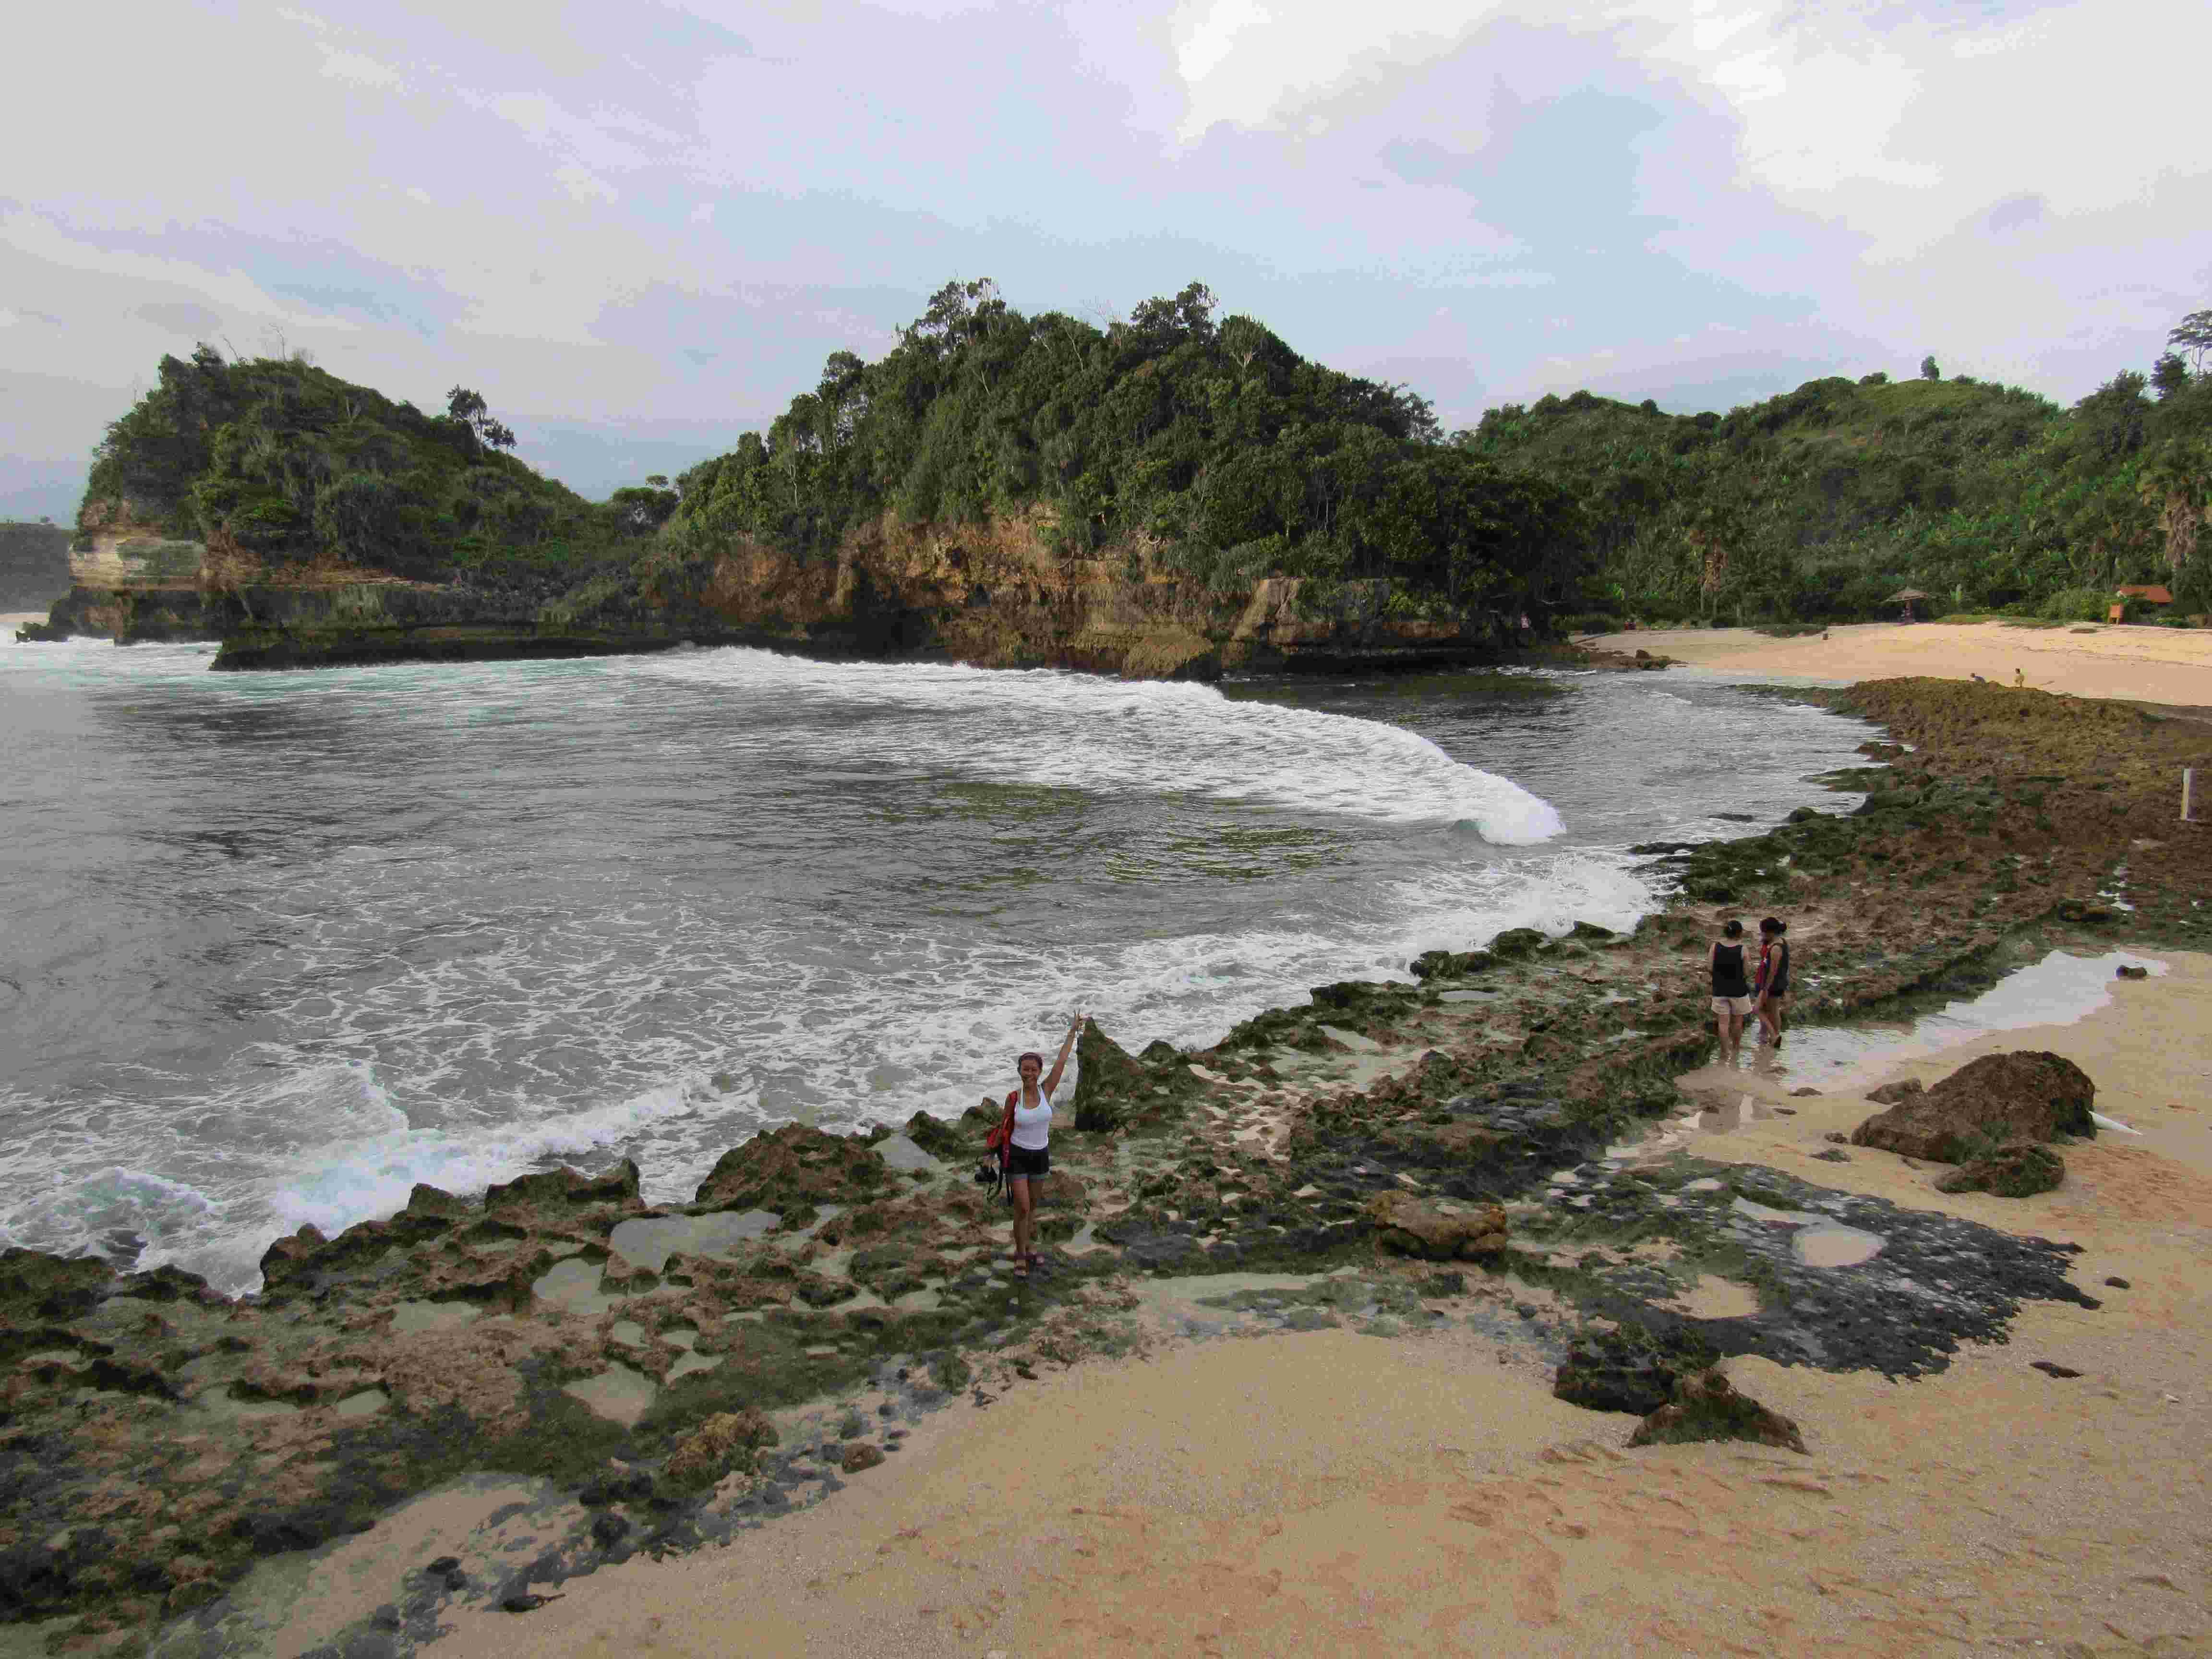 Wisata Pantai Batu Bengkung Malang Pantai Baru Nan Eksotis